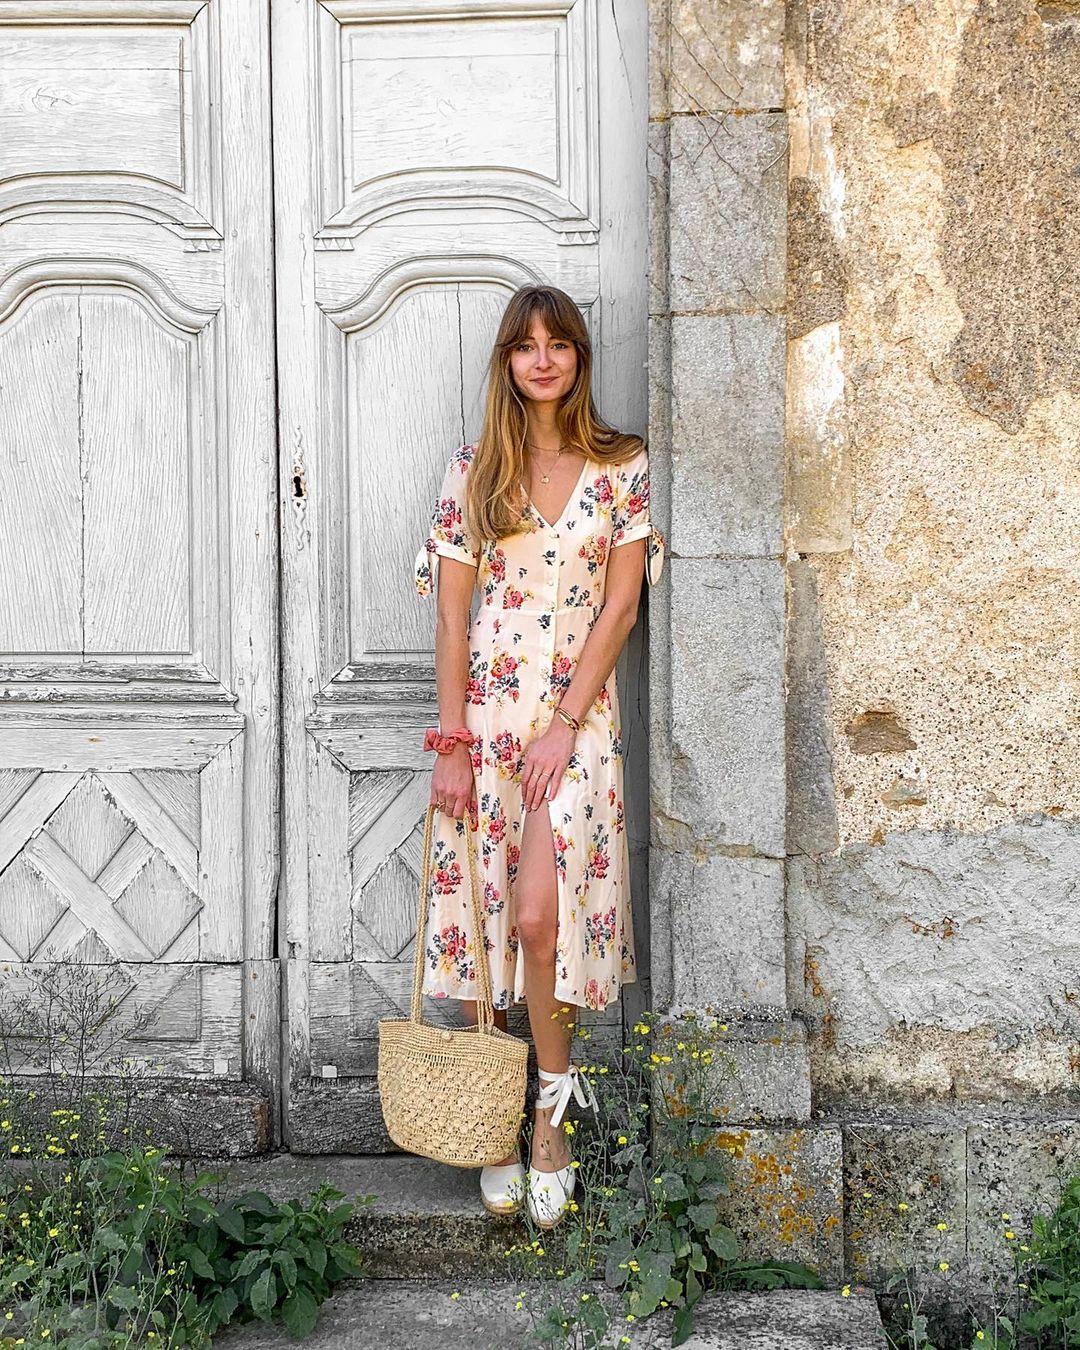 5 mẫu váy gái Pháp đang diện Xuân - Hè nhiều nhất: Kiểu nào mặc lên cũng 'auto' trẻ, xinh 004